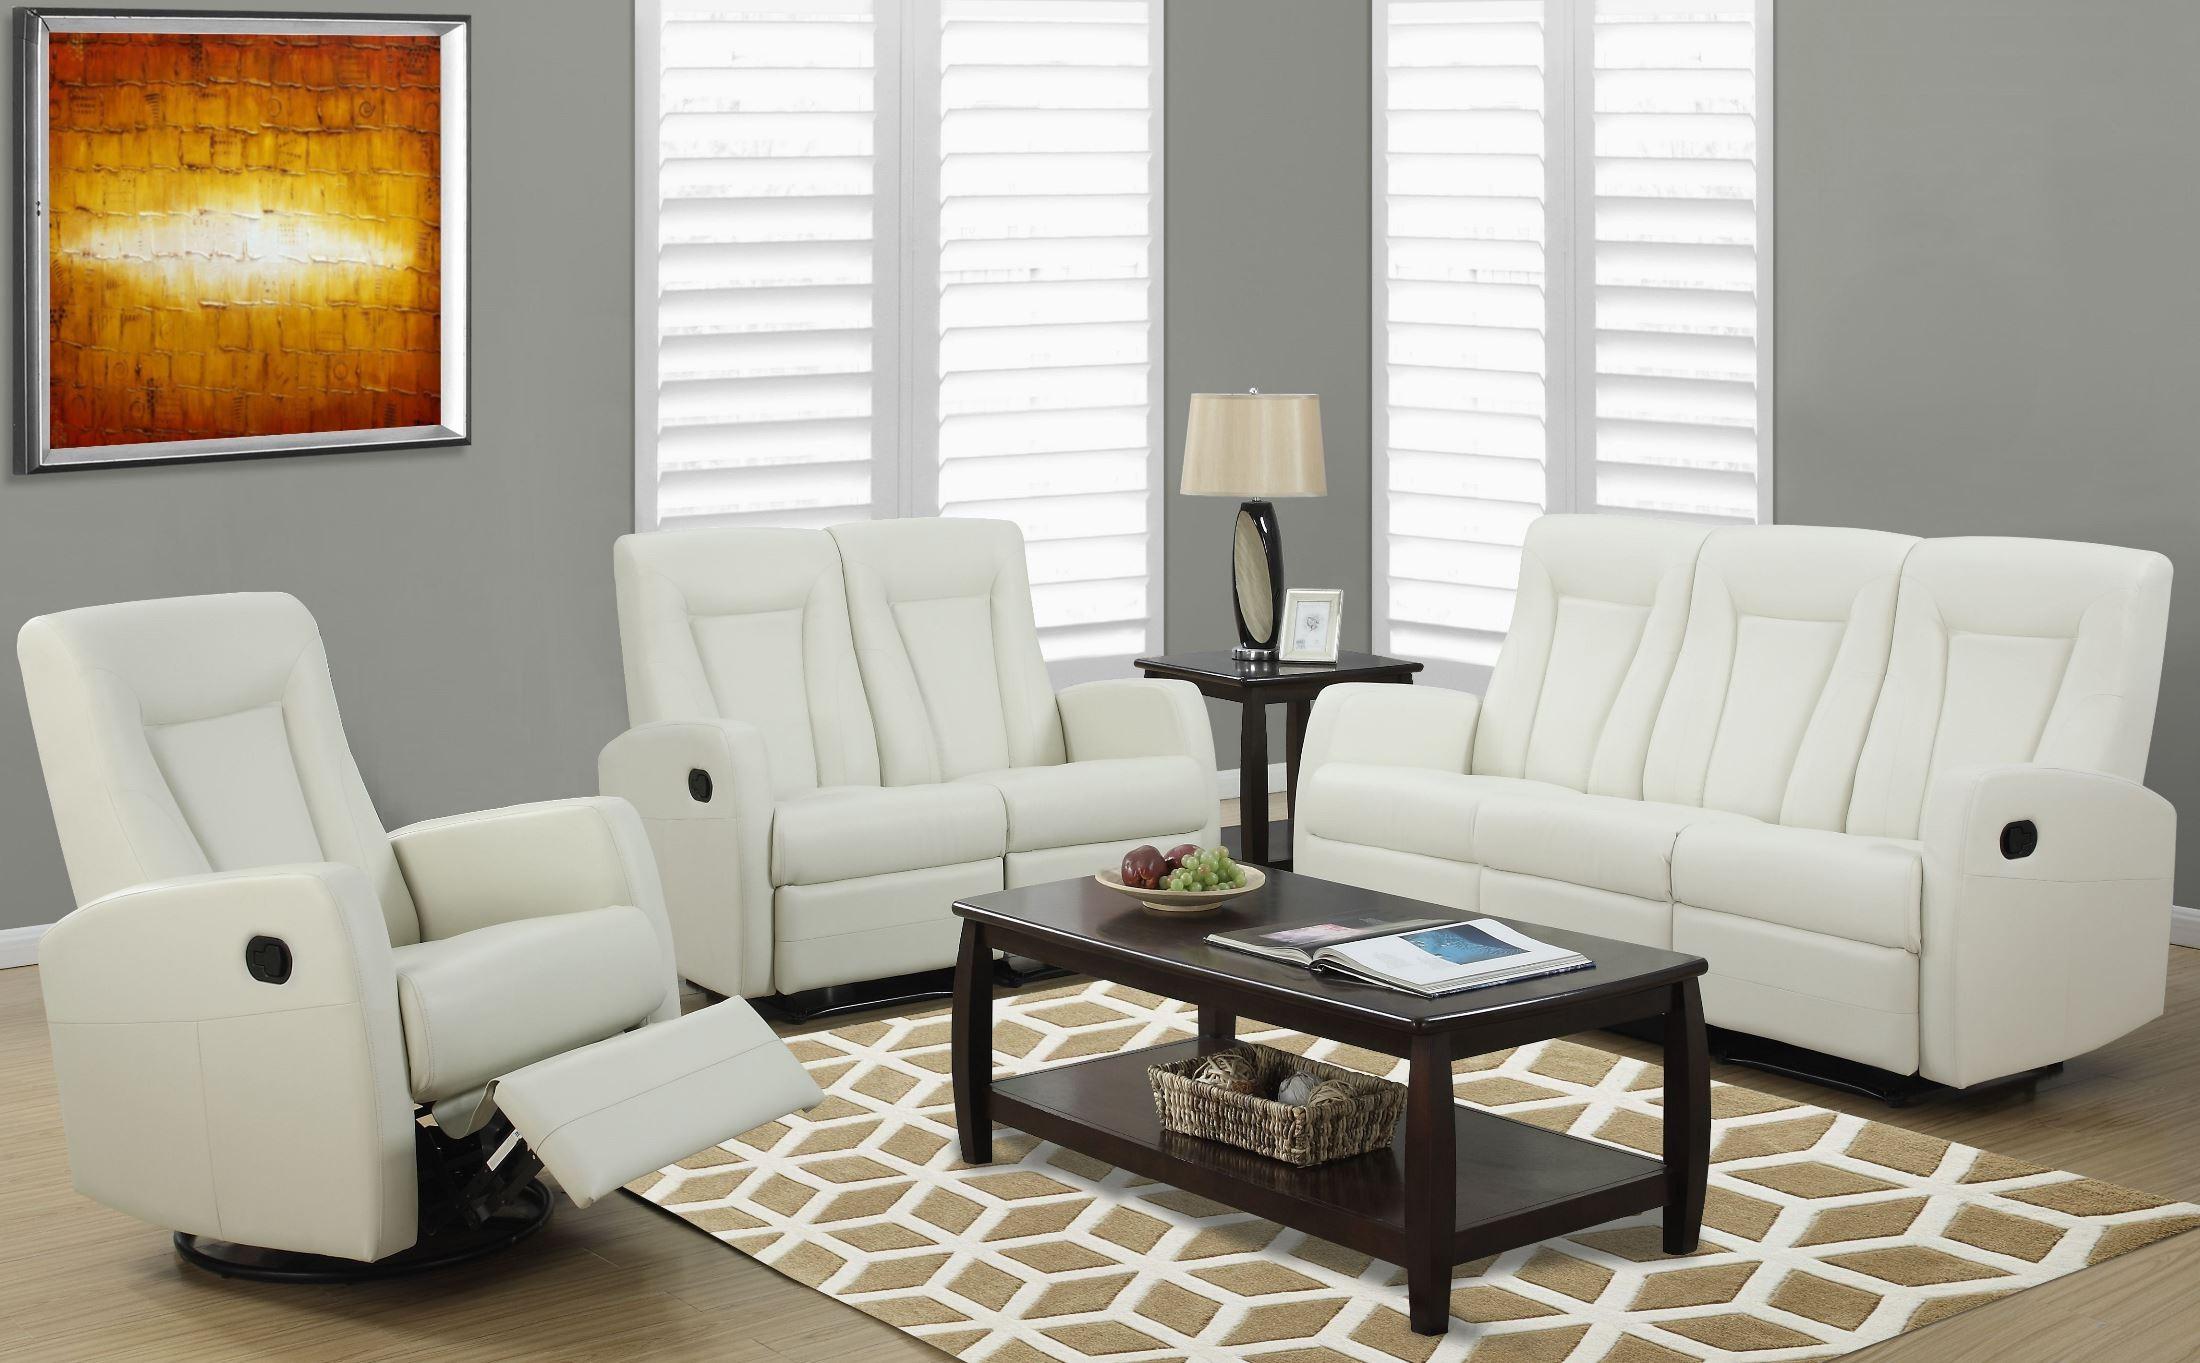 82iv 3 ivory bonded leather reclining living room set 82iv 3 monarch. Black Bedroom Furniture Sets. Home Design Ideas